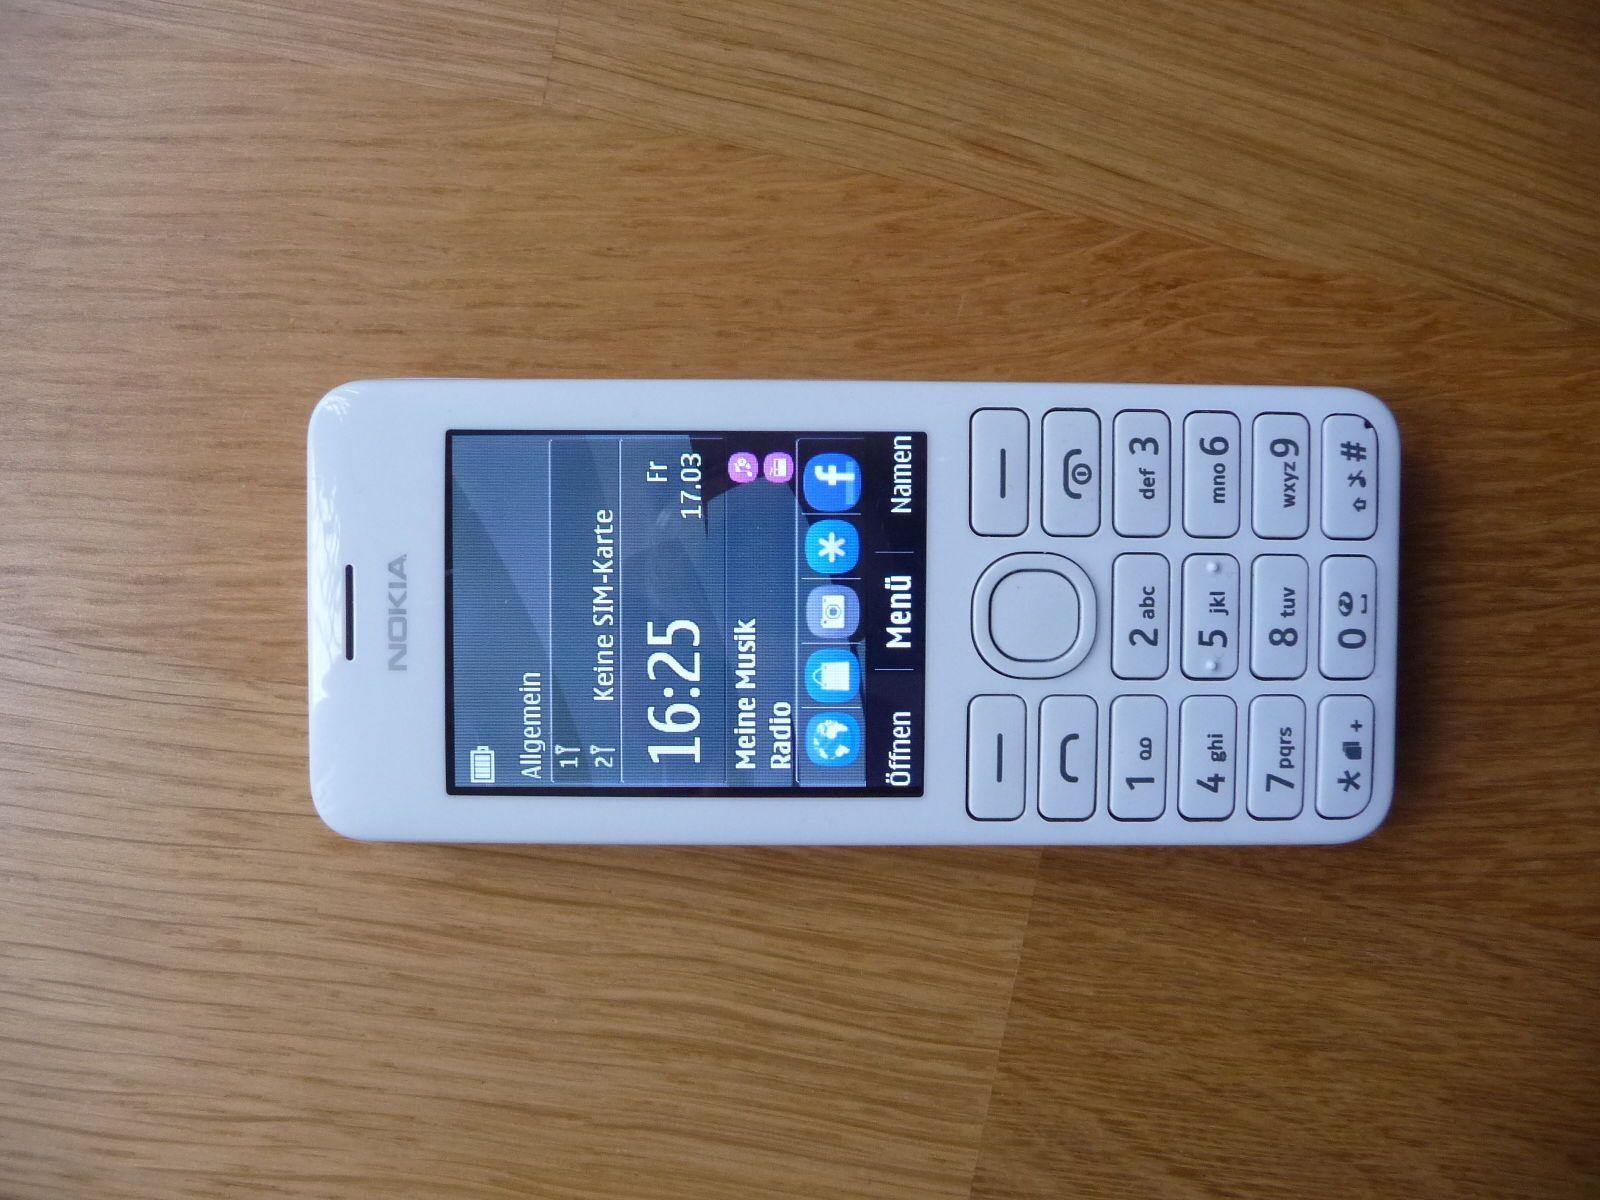 Nokia 206 Dual Sim Mobiltelefonsparen25 Com Sparen25 De Sparen25 Info Sim Karte Ebay Handys